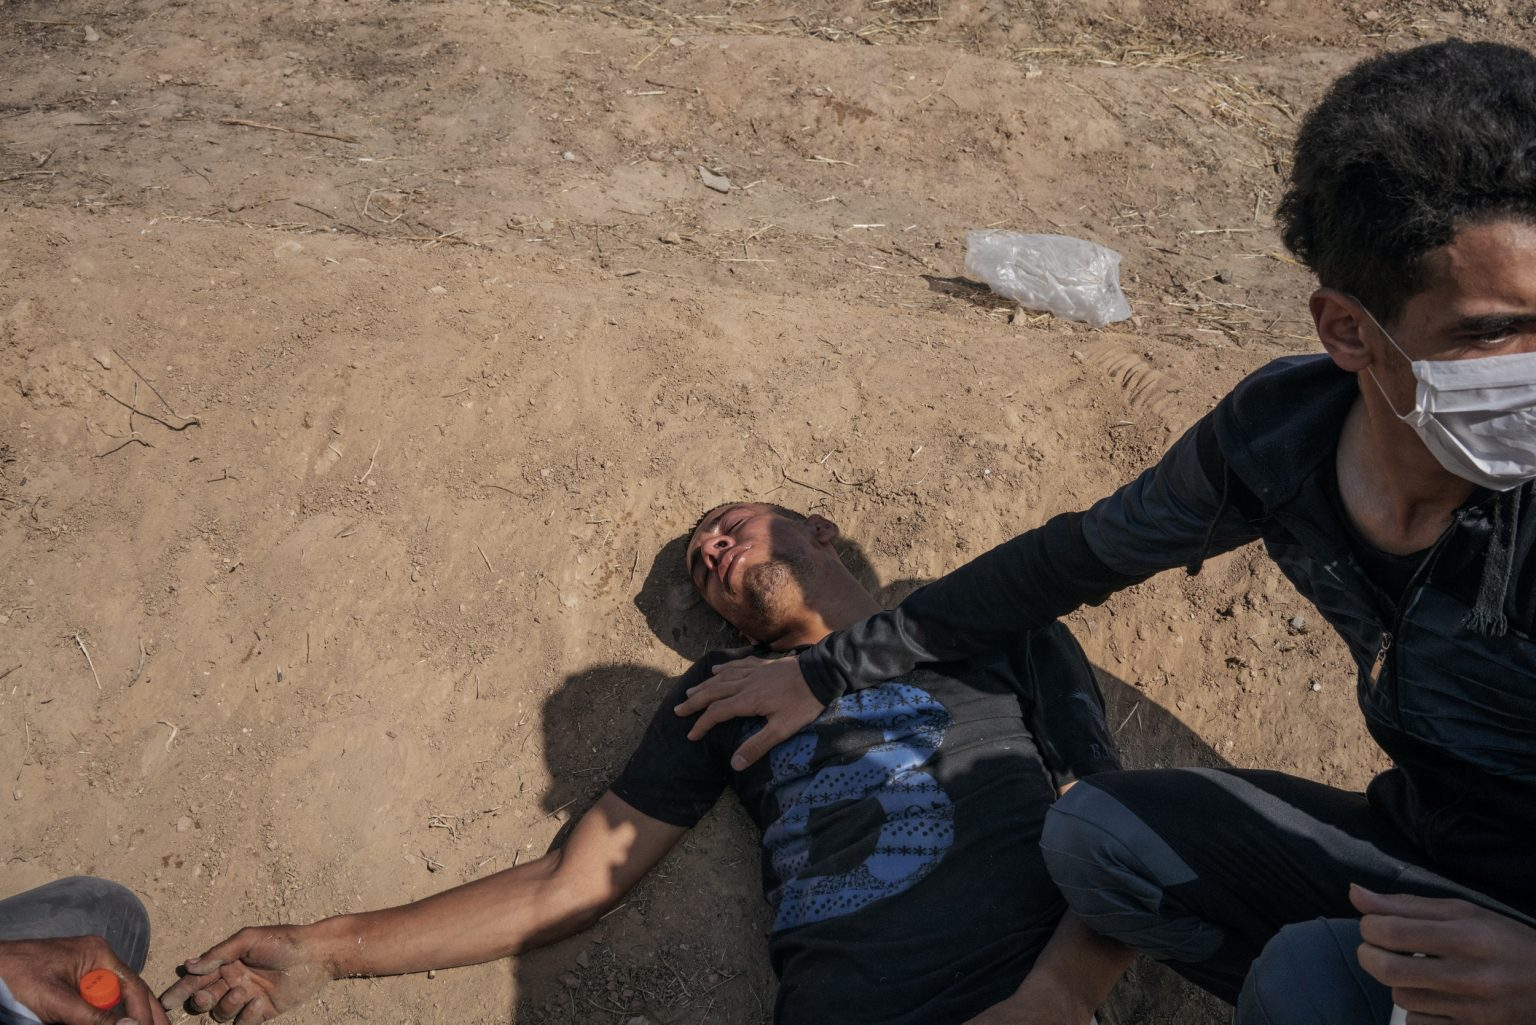 Gaza Strip, May 2018 - A Palestining with breathing problems after Israeli troops fired tear gas along the Gaza-Israel border.>< Striscia di Gaza, maggio 2018 - Un ragazzo palestinese è steso a terra dopo aver respirato i gas lacrimogeni lanciati dai soldati israeliani.